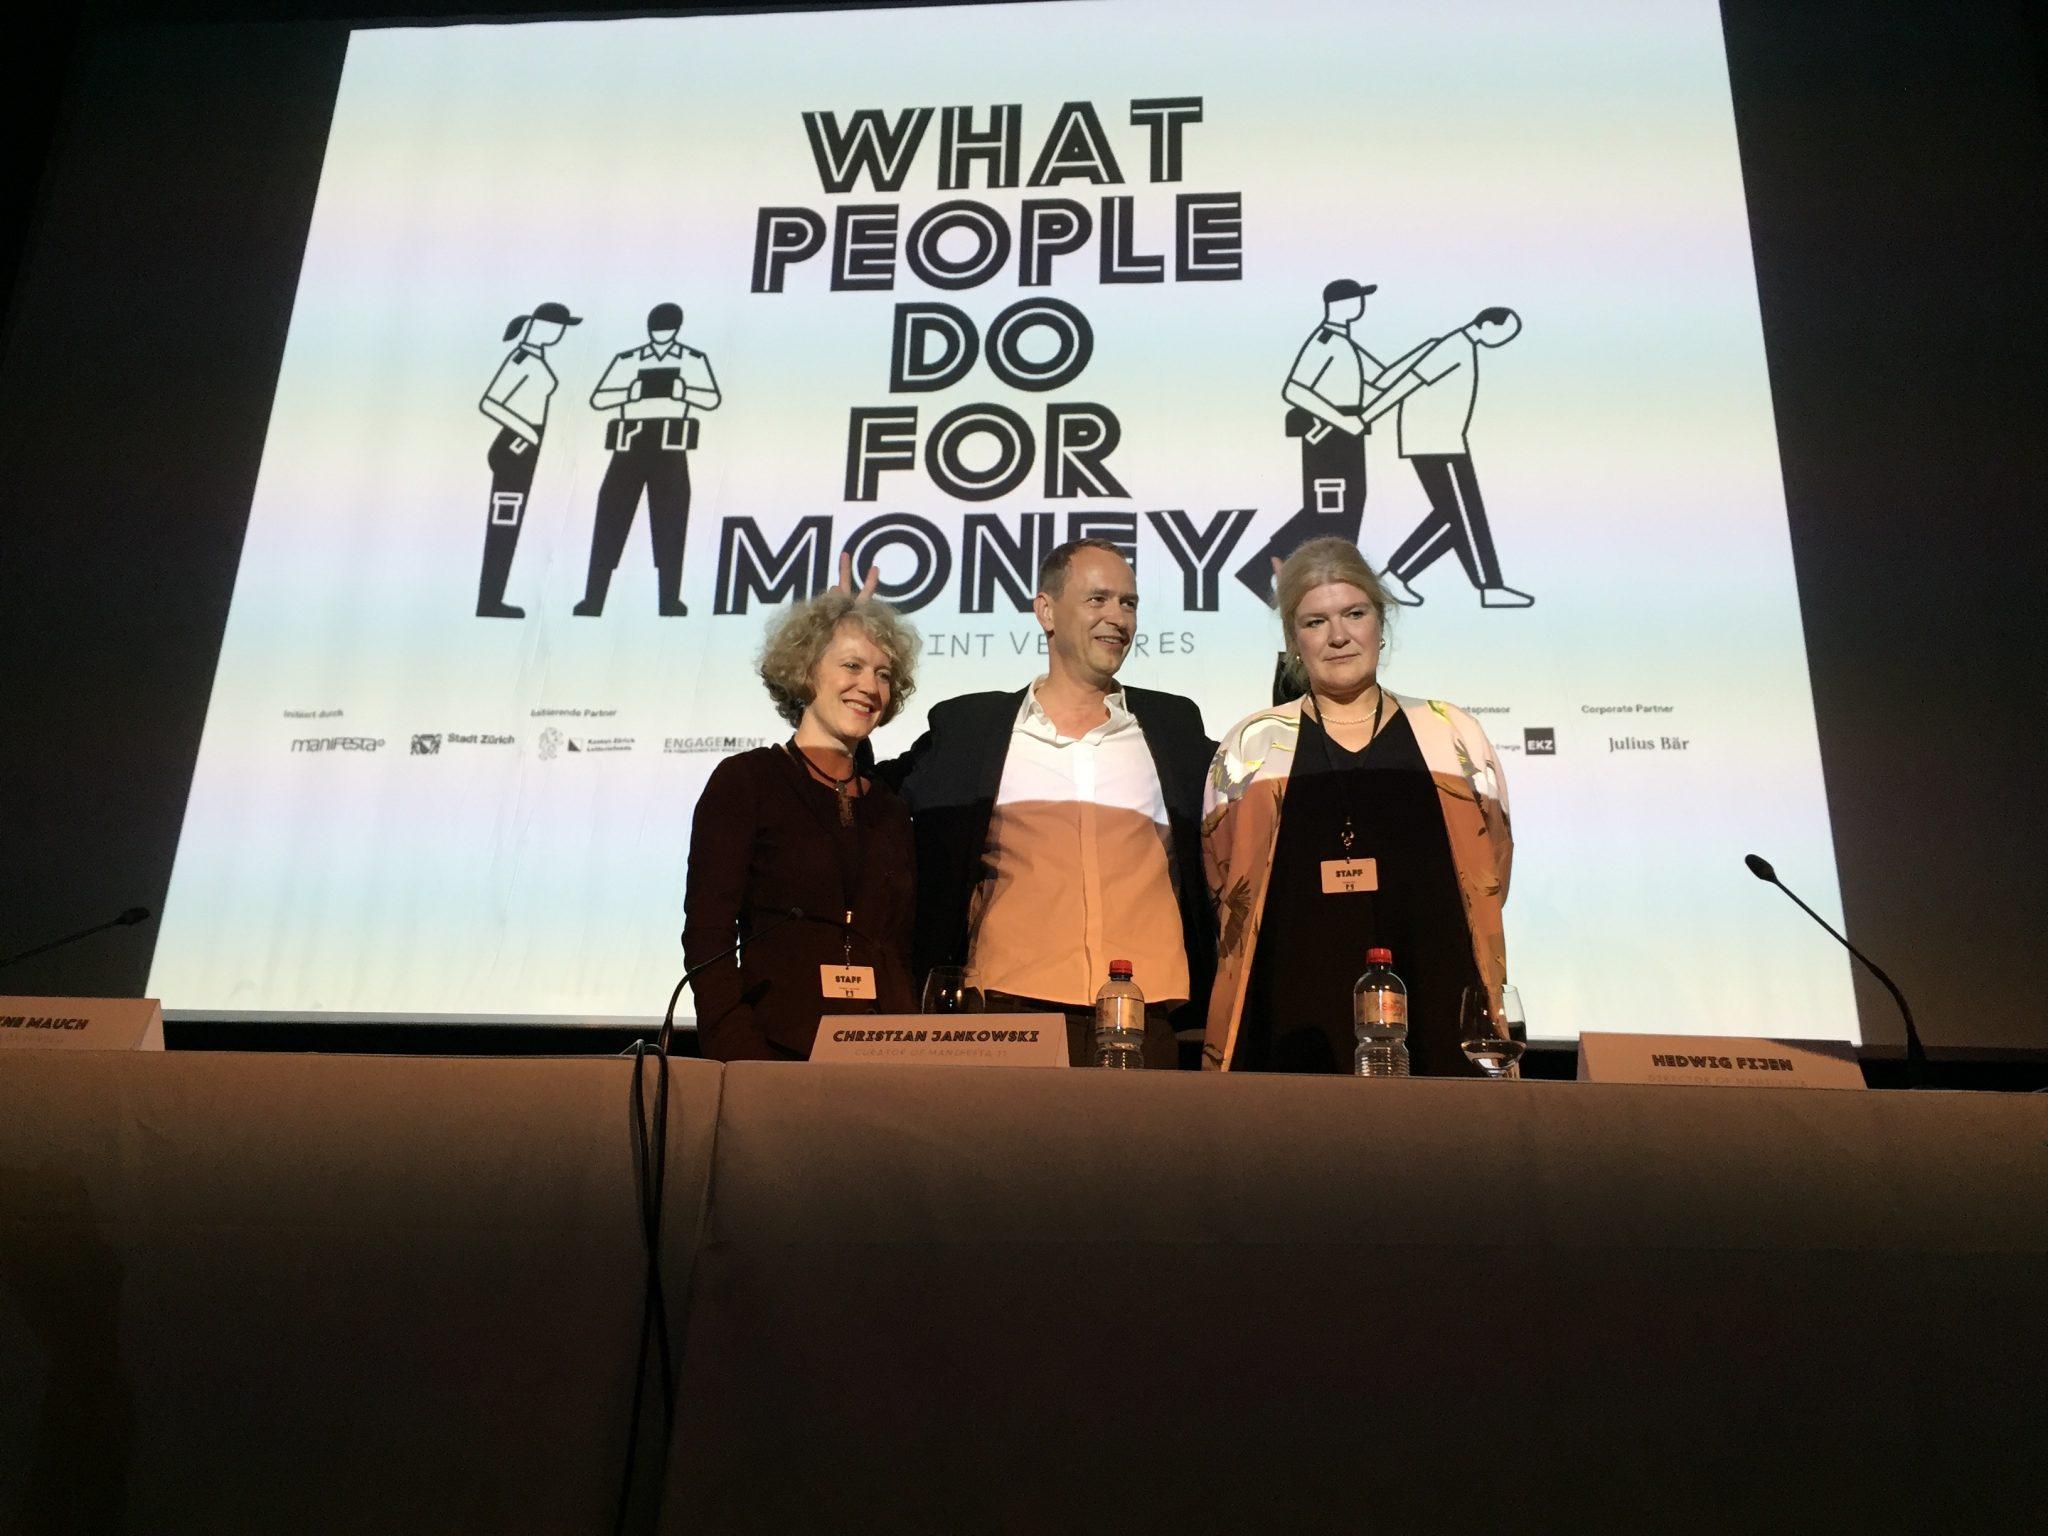 Mayor Corine Mauch, Curator Christian Jankowski & Director Hedwig Fijen